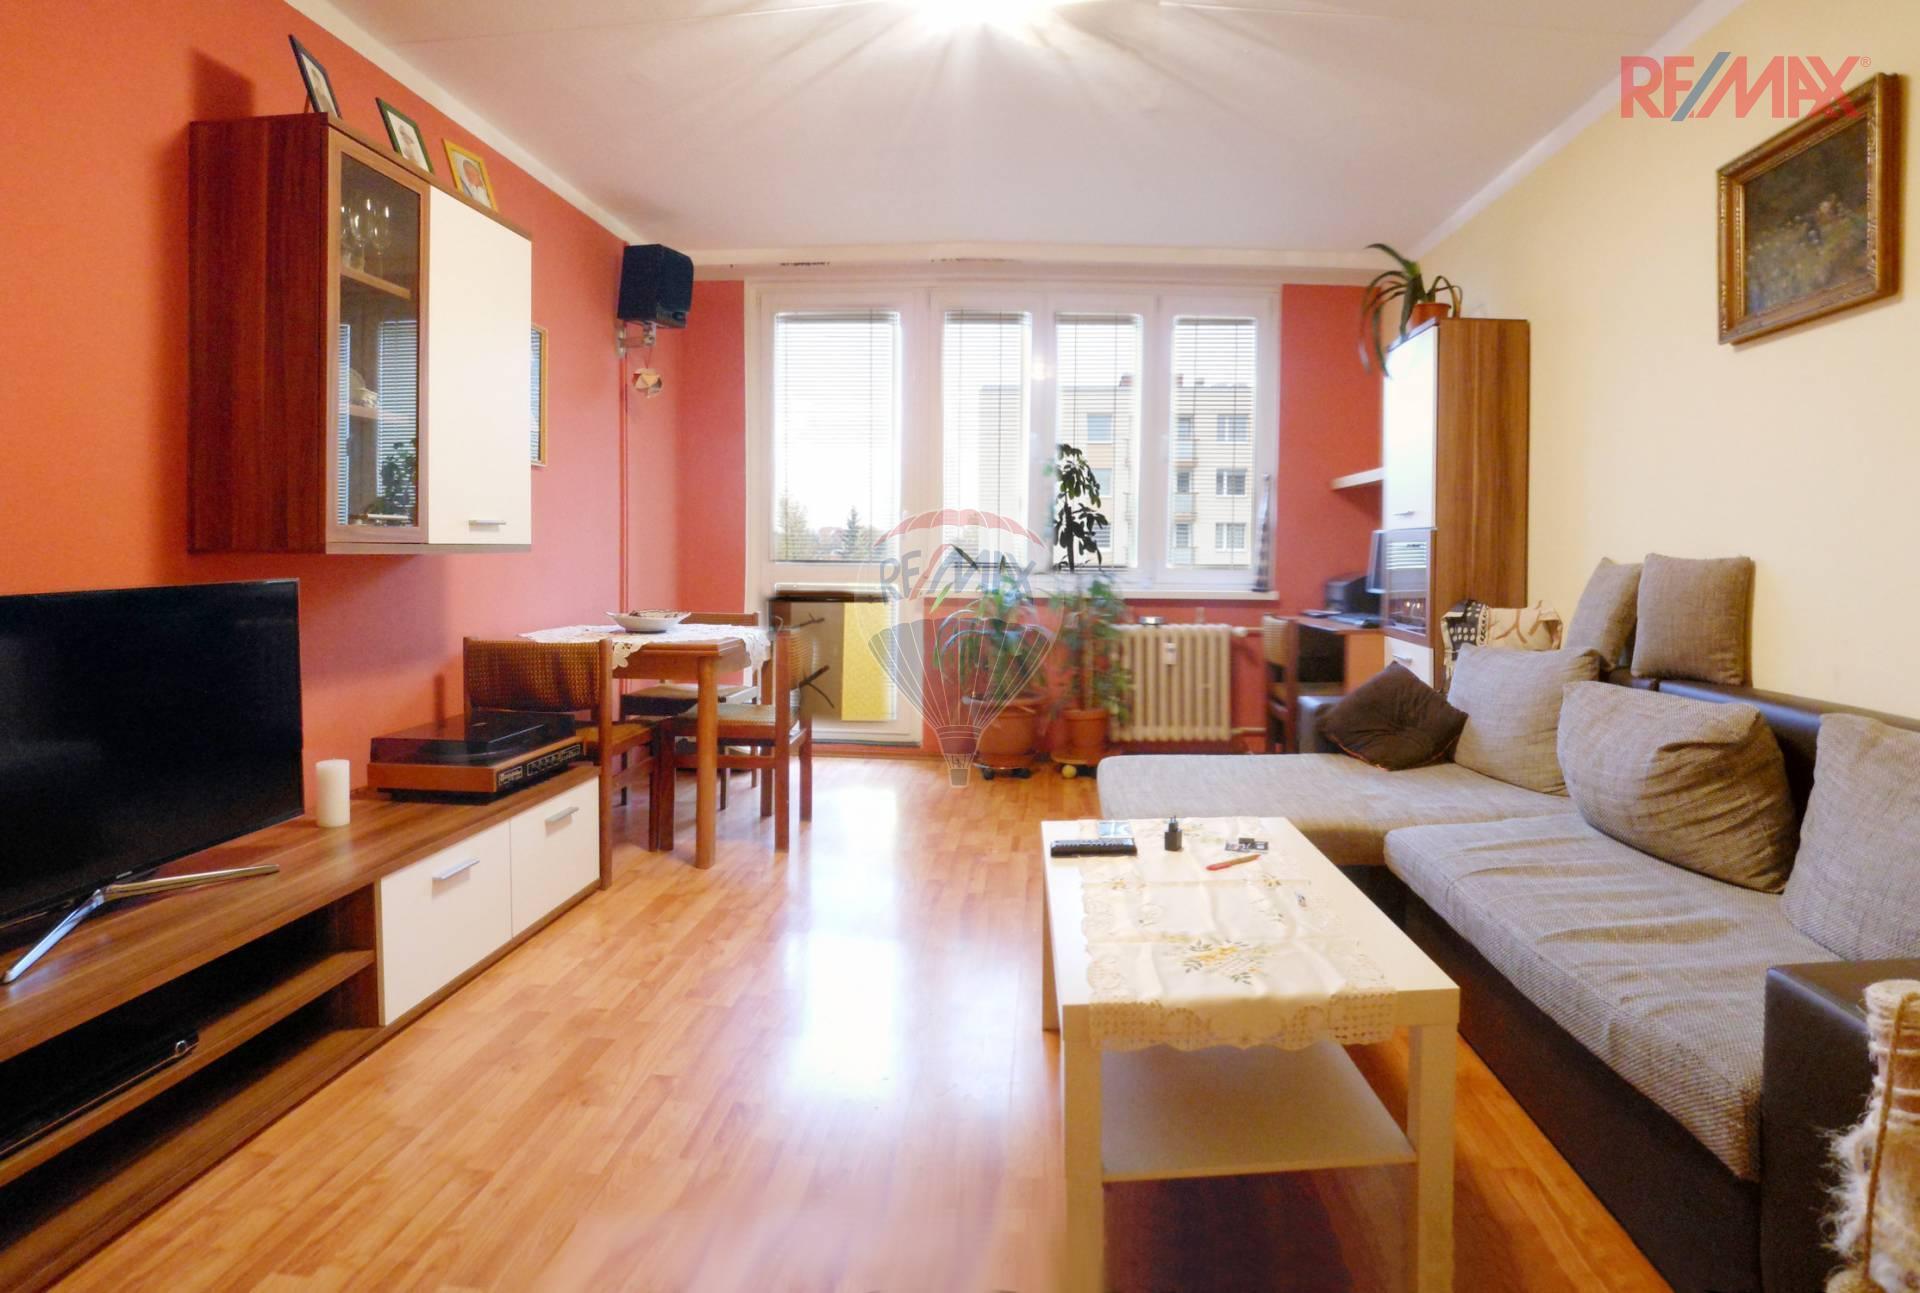 Prodej bytu 3+1 s lodžií (79 m2) Voskovcova